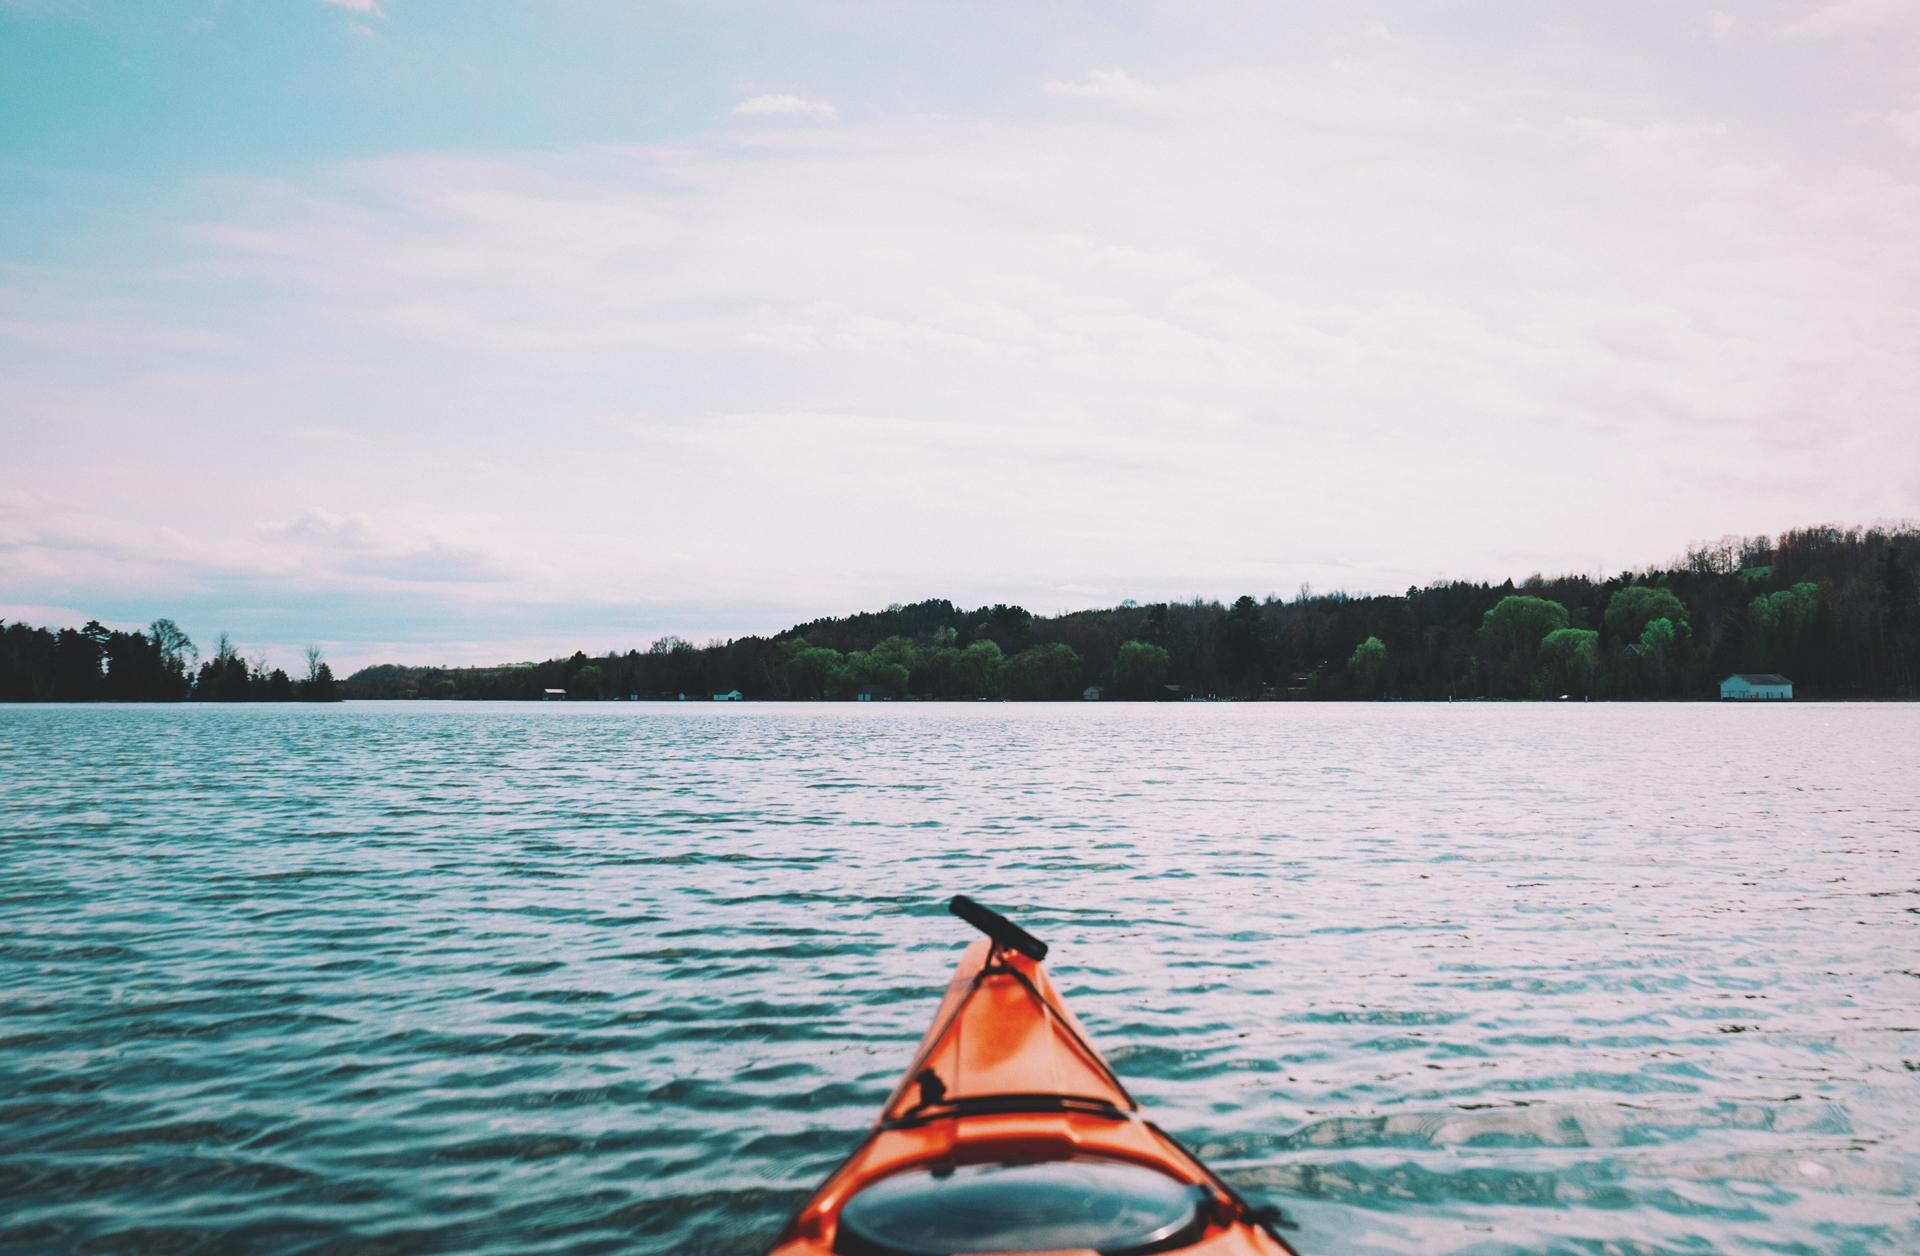 lake-kajak-kayak.jpg